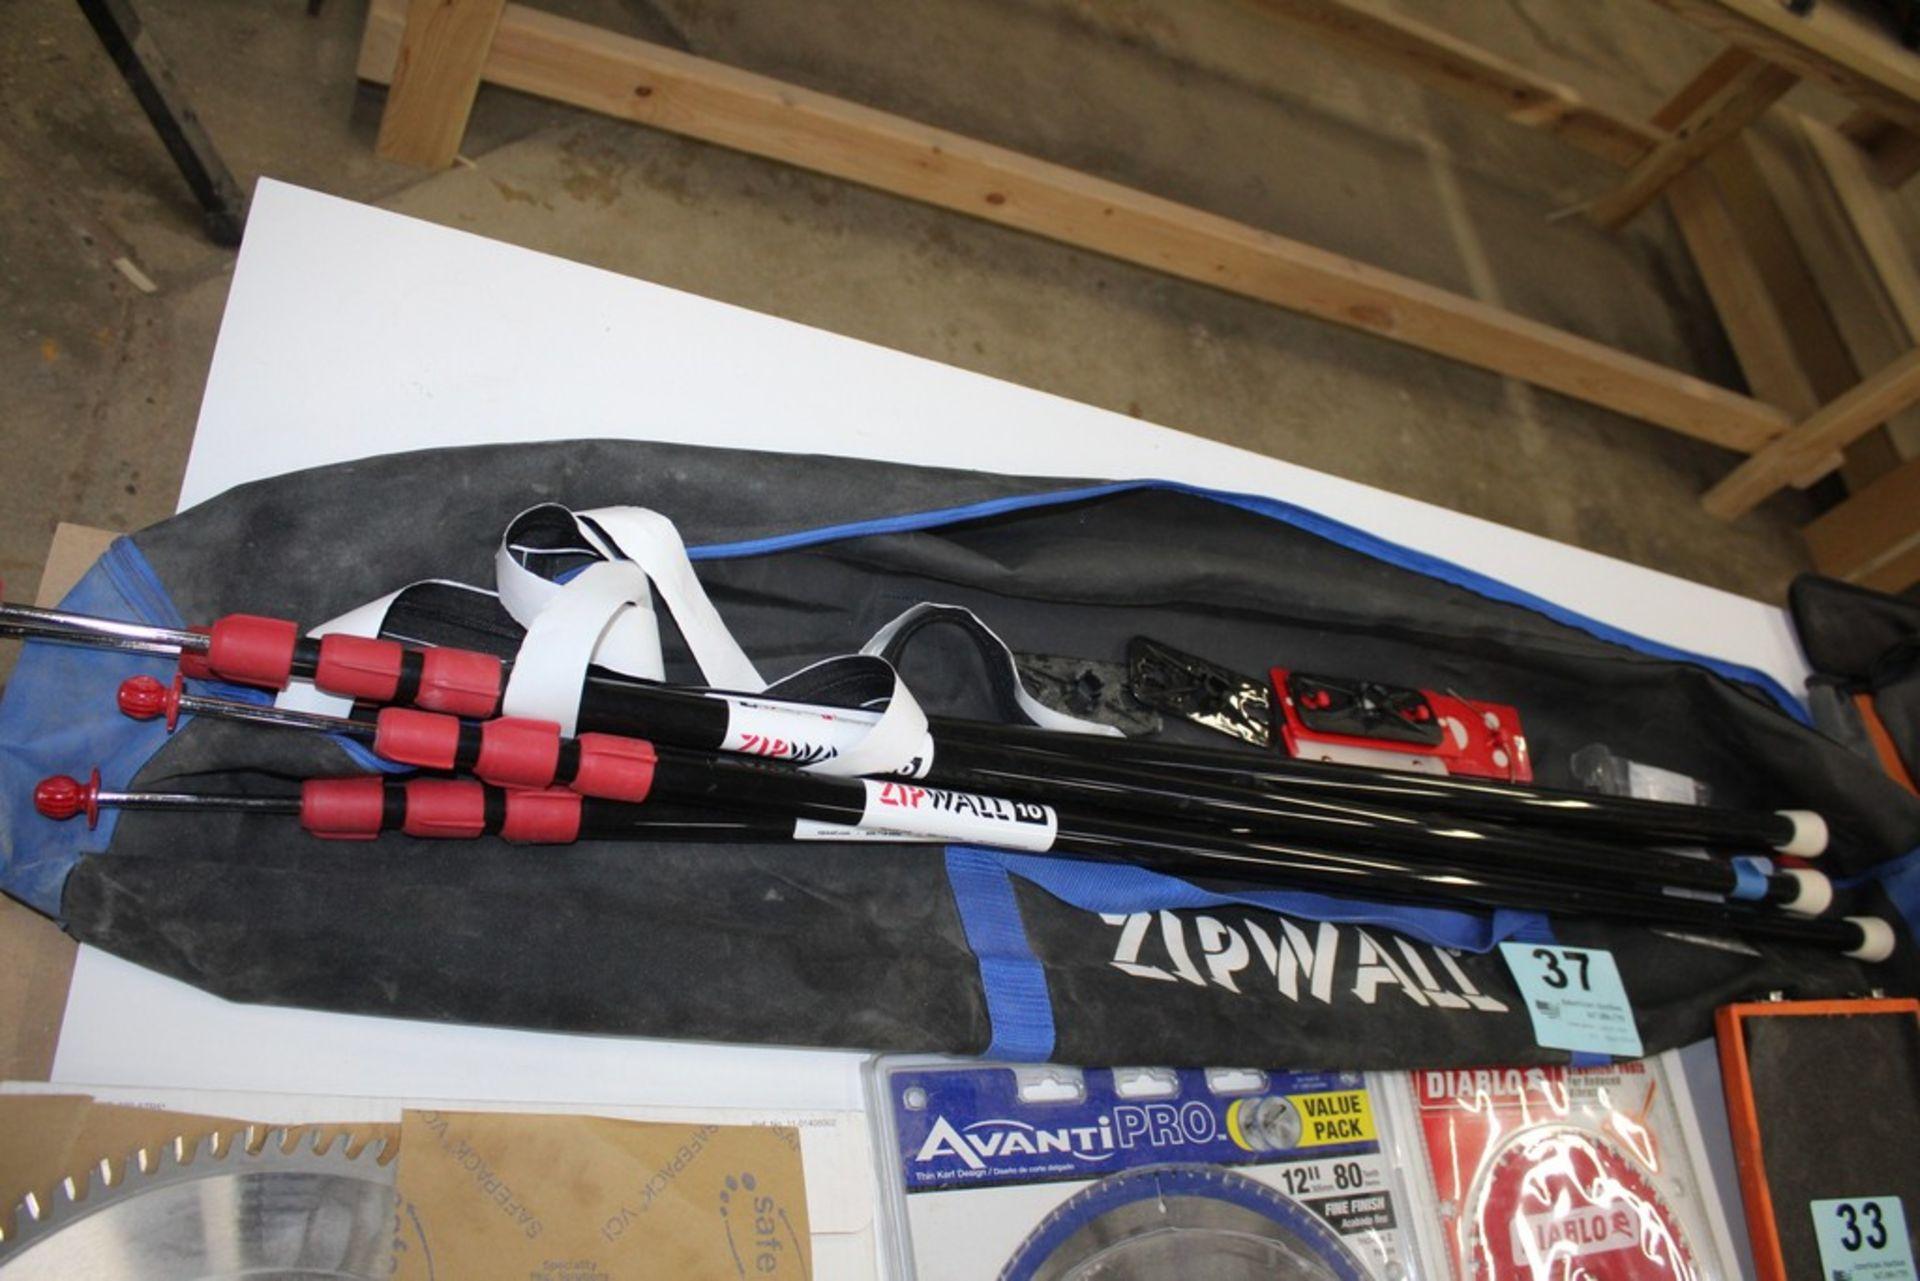 Lot 37 - ZIP WALL KIT